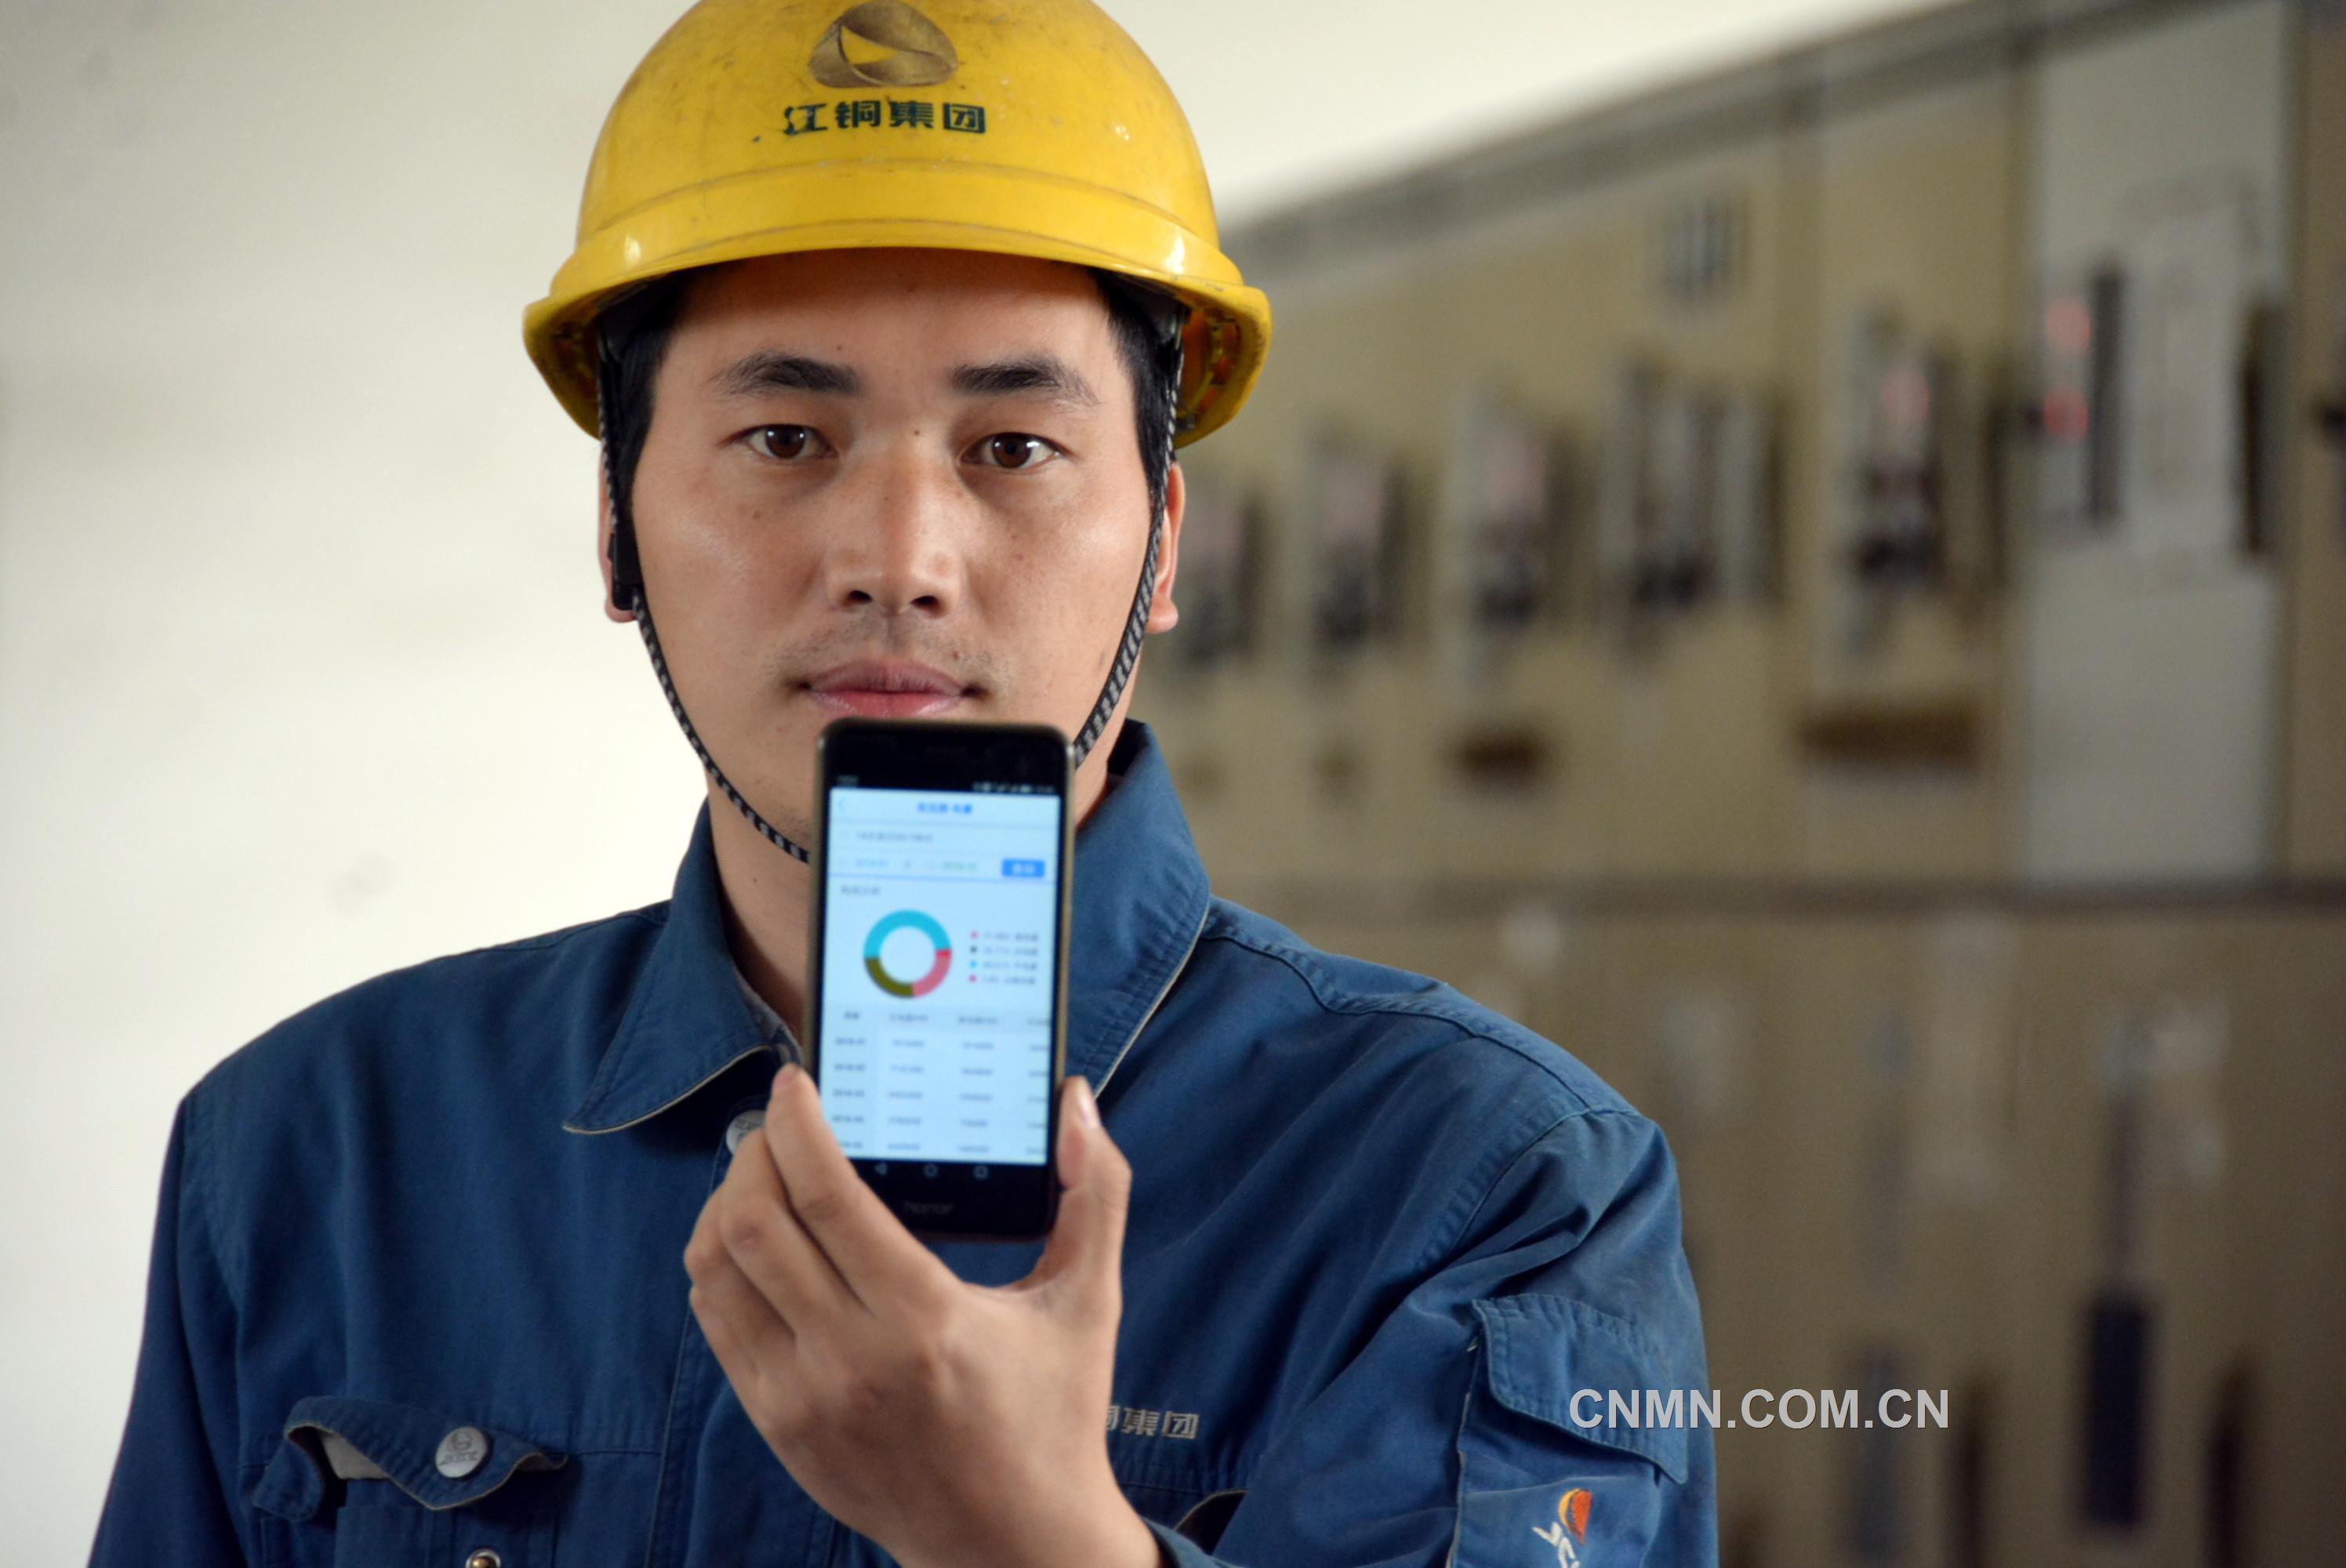 如今在江西铜业集团有限公司铅锌公司设备部,职工们的手机多了一项神奇的功能,能够一键掌握配用电设备运行情况,及时发现并快速处置安全隐患。